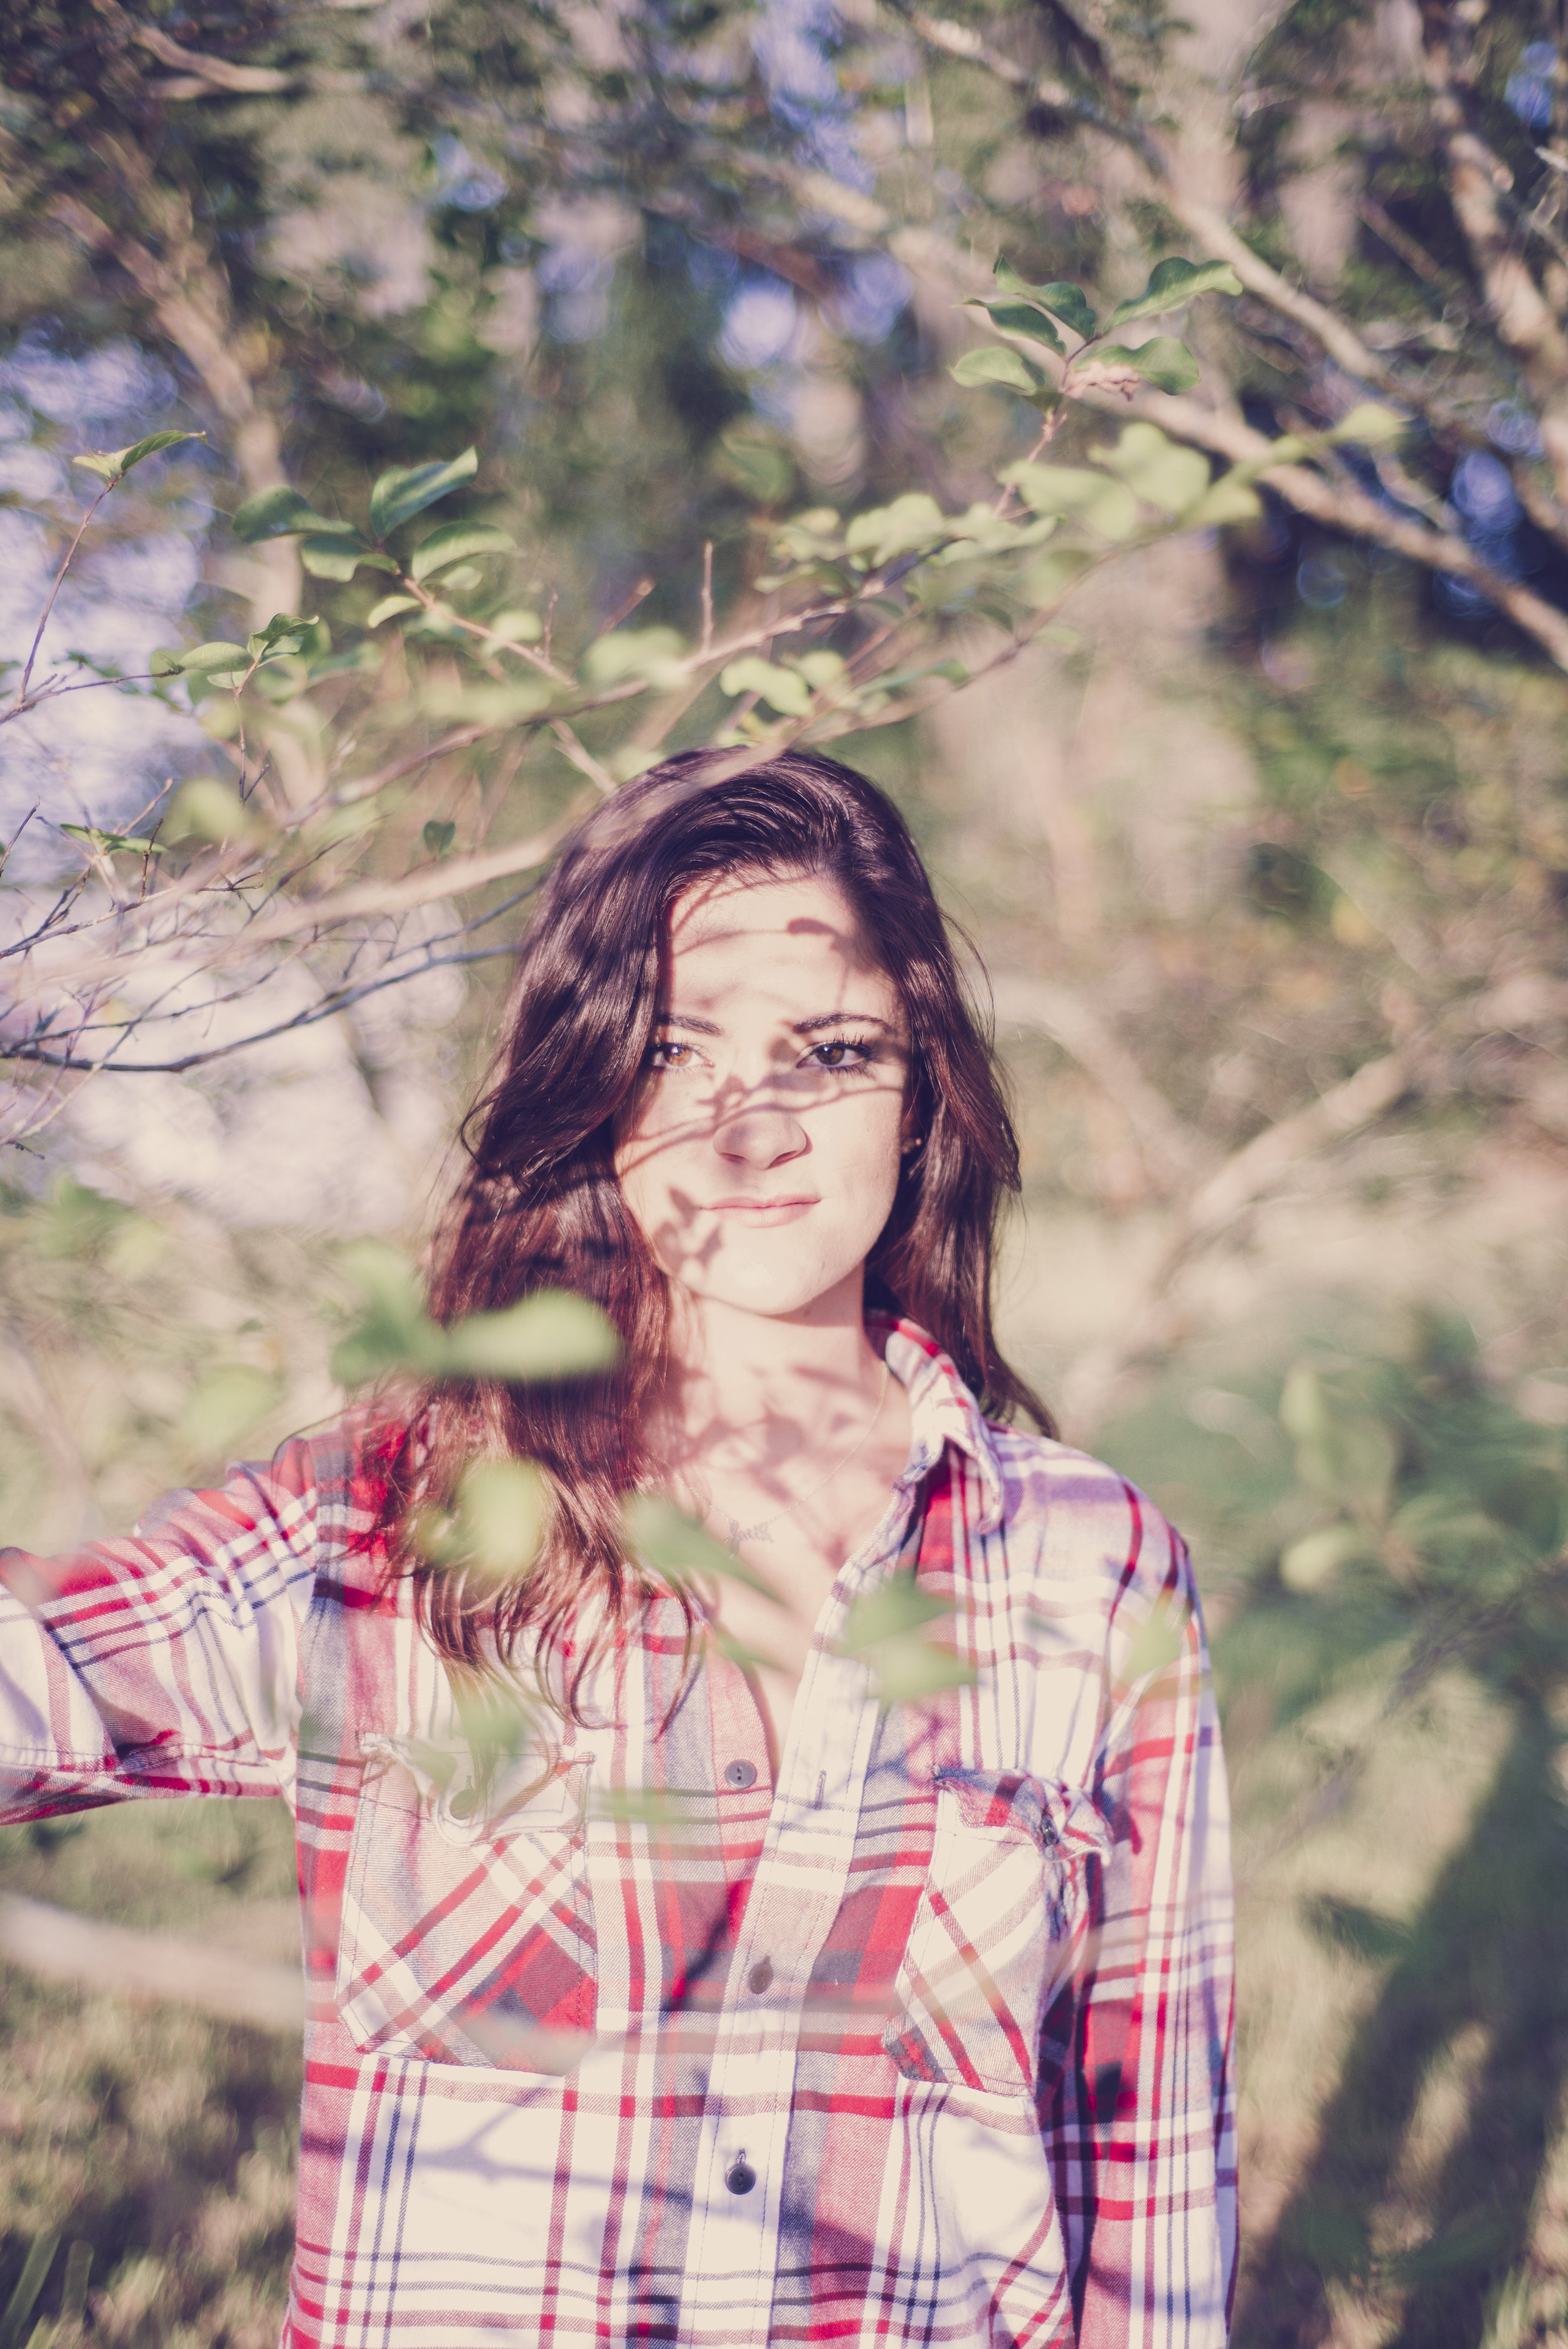 Unphotographable-29.jpg